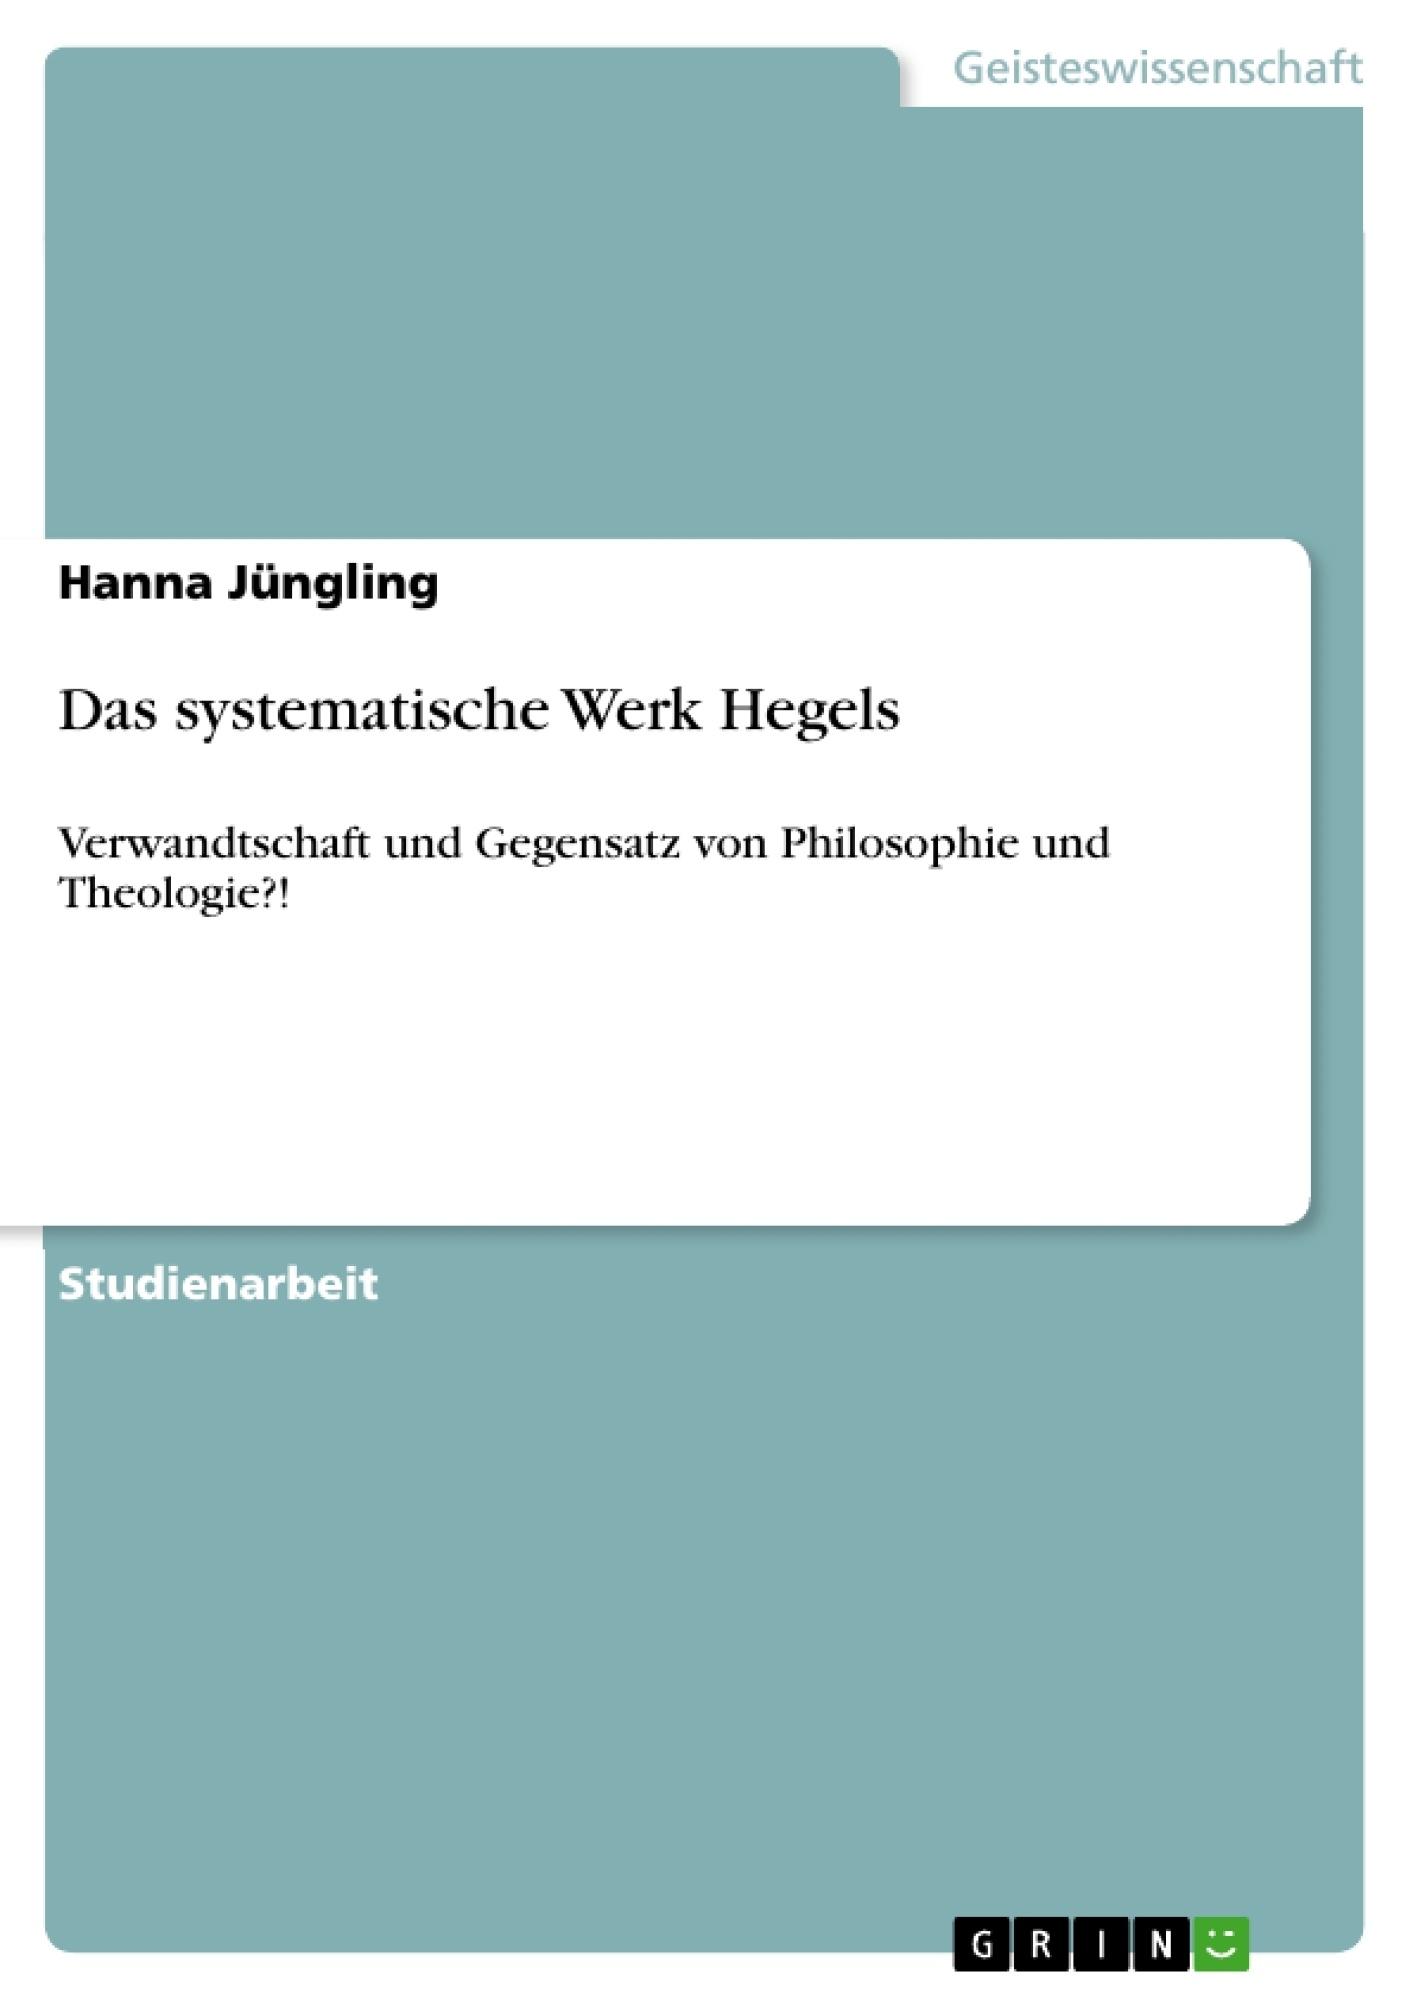 Titel: Das systematische Werk Hegels